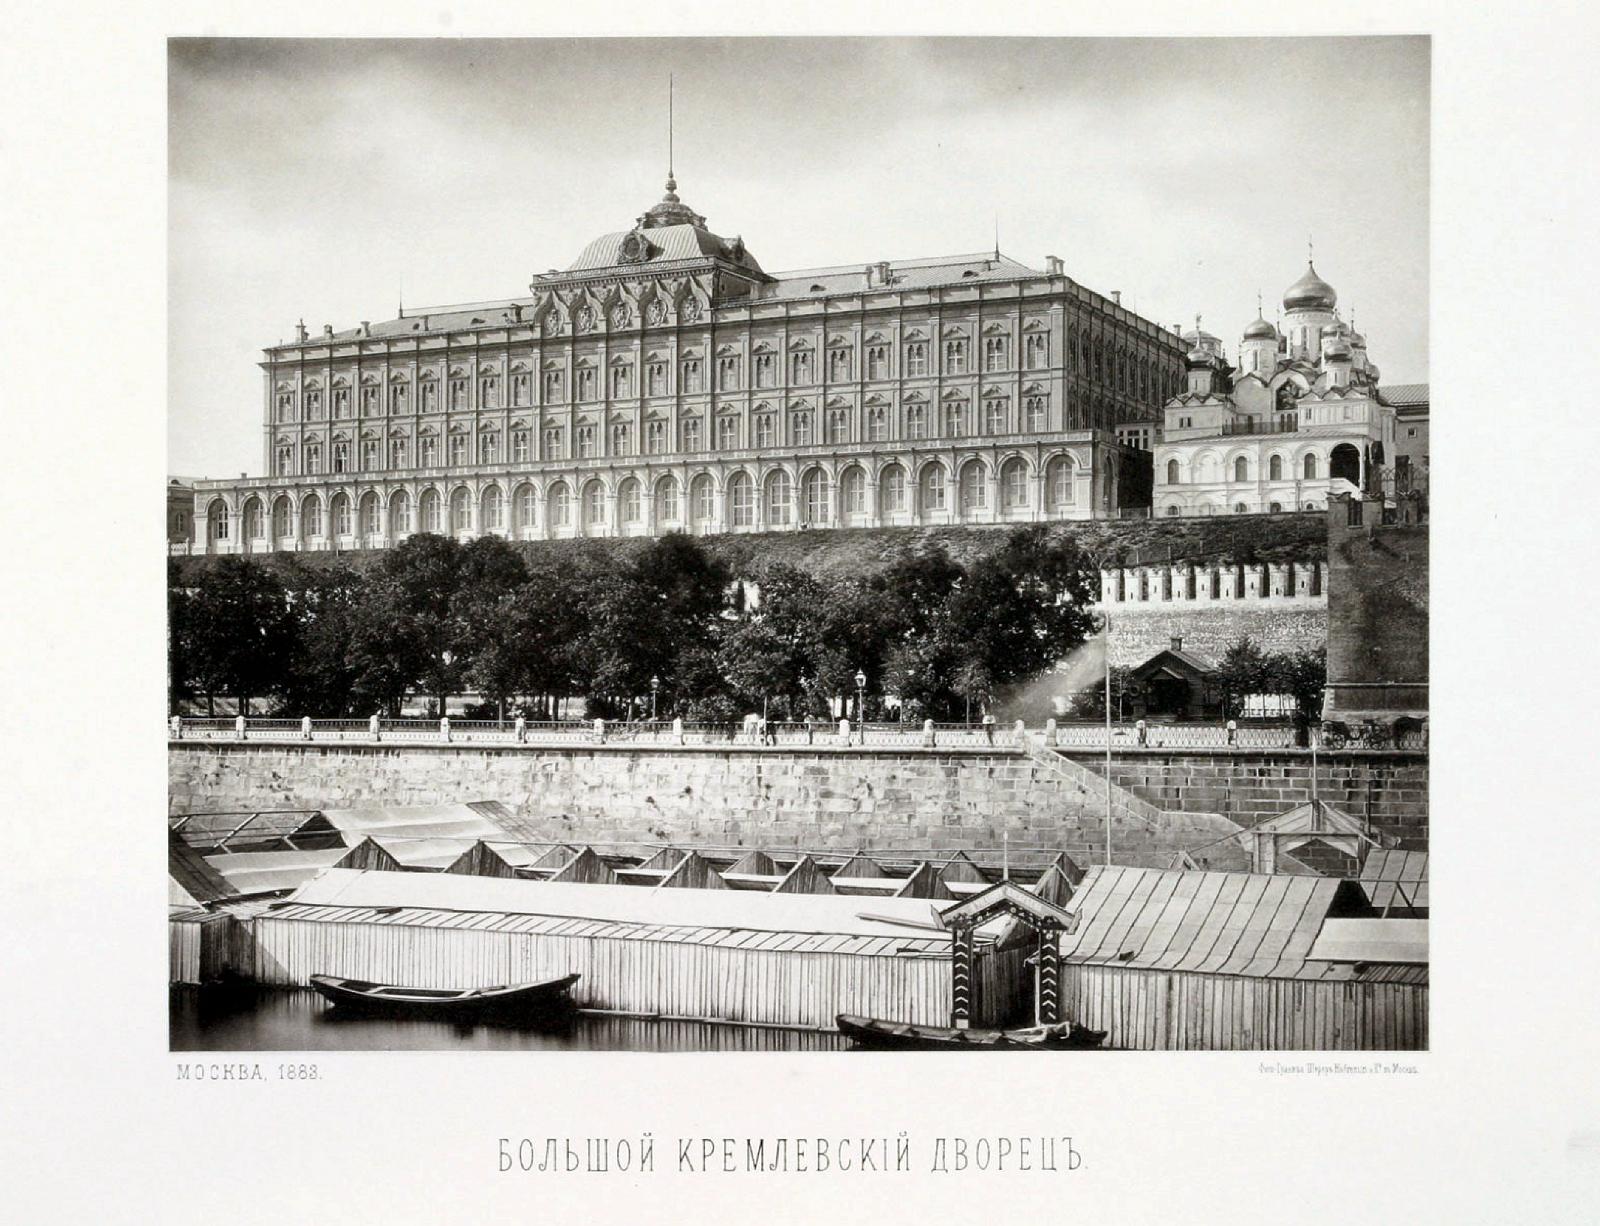 Большой Кремлевский дворец, Фото 1883, опубликовано в 1884. Grand Kremlin Palace, photographed in 1883, published in 1884.